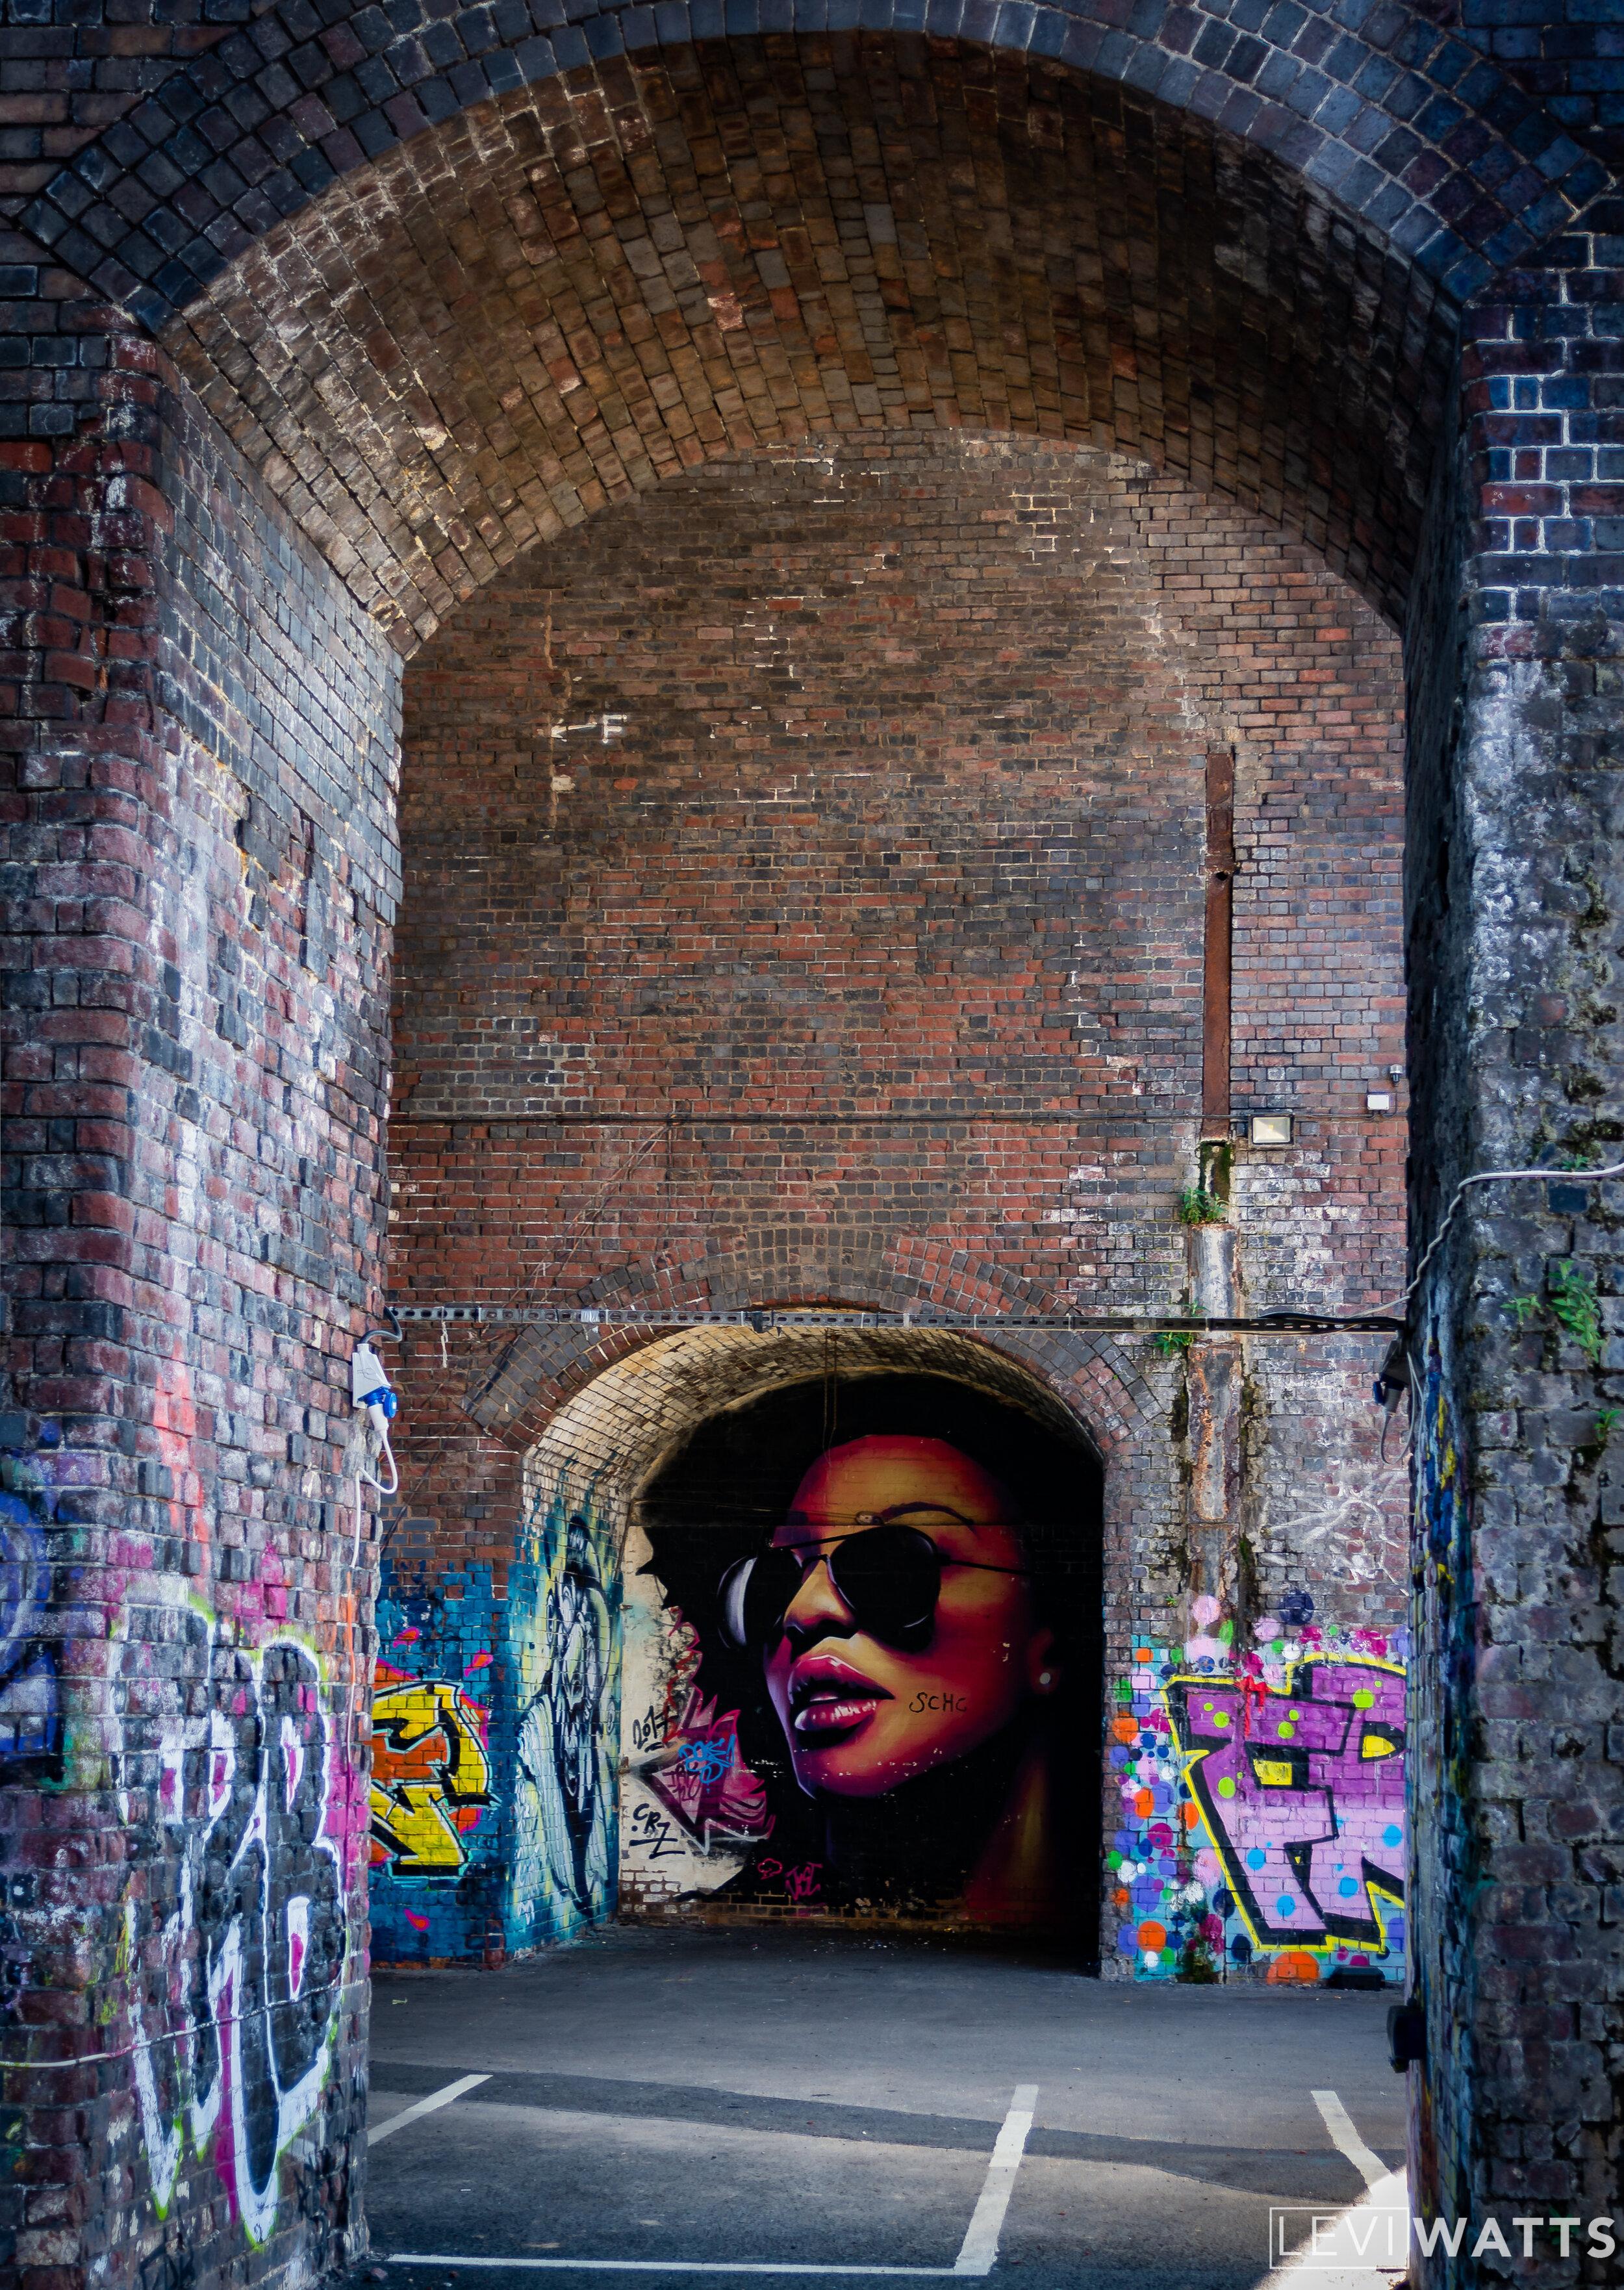 POTW Week 32 - Levi Watts - Graffiti.jpeg